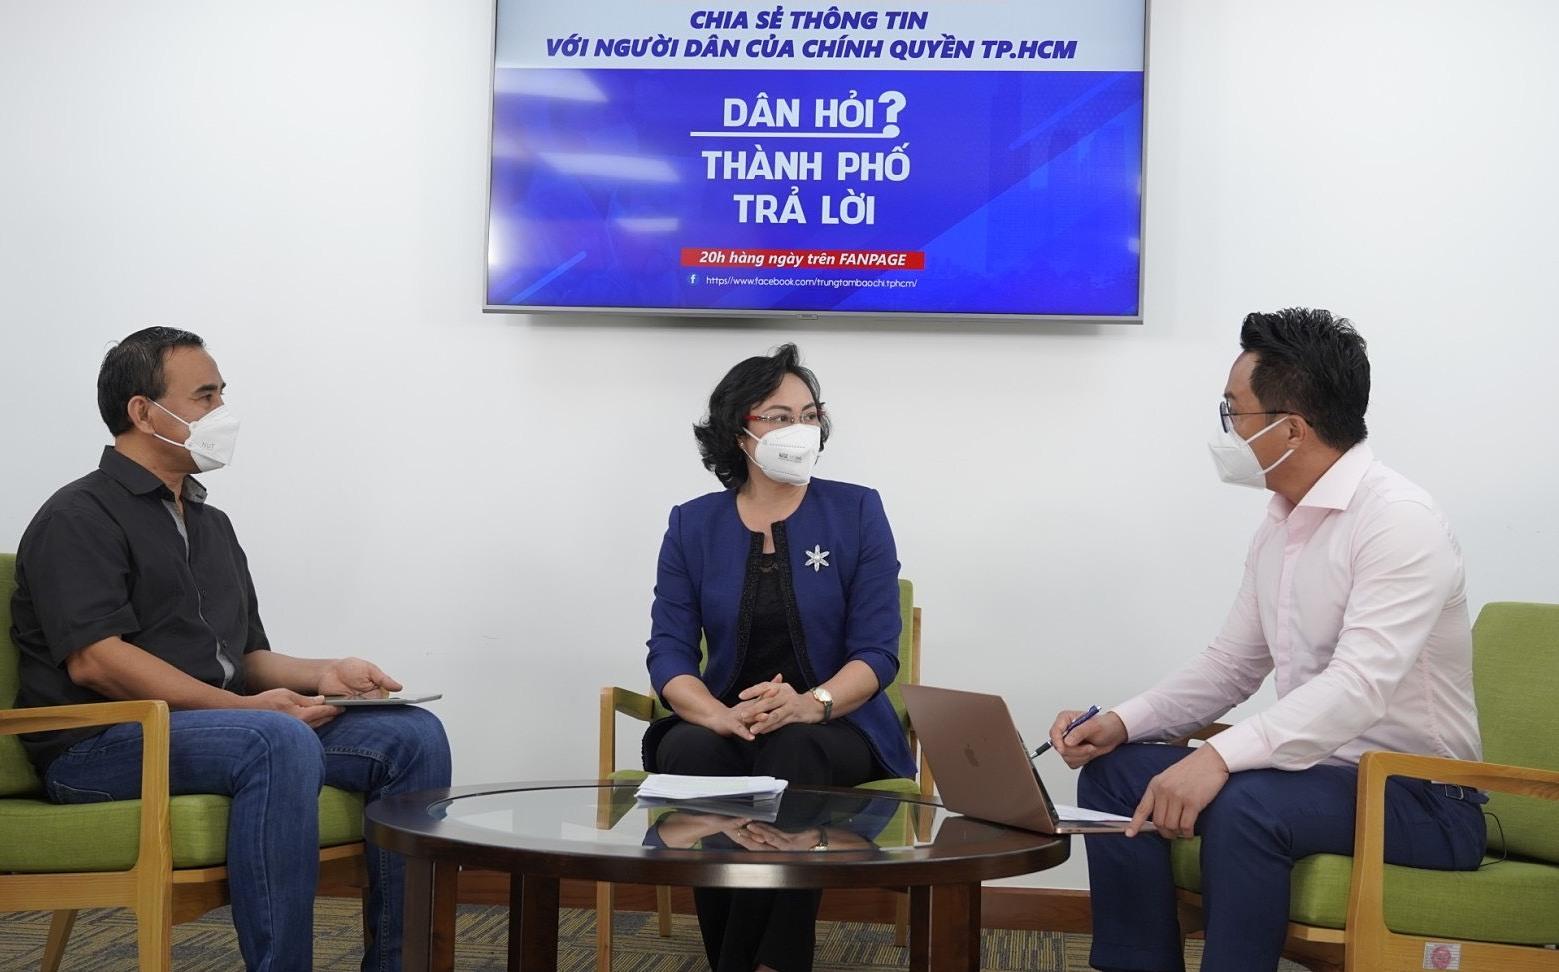 Buổi livestream Dân hỏi - Thành phố trả lời tối 8/10. Ảnh: Trung tâm báo chí TP HCM